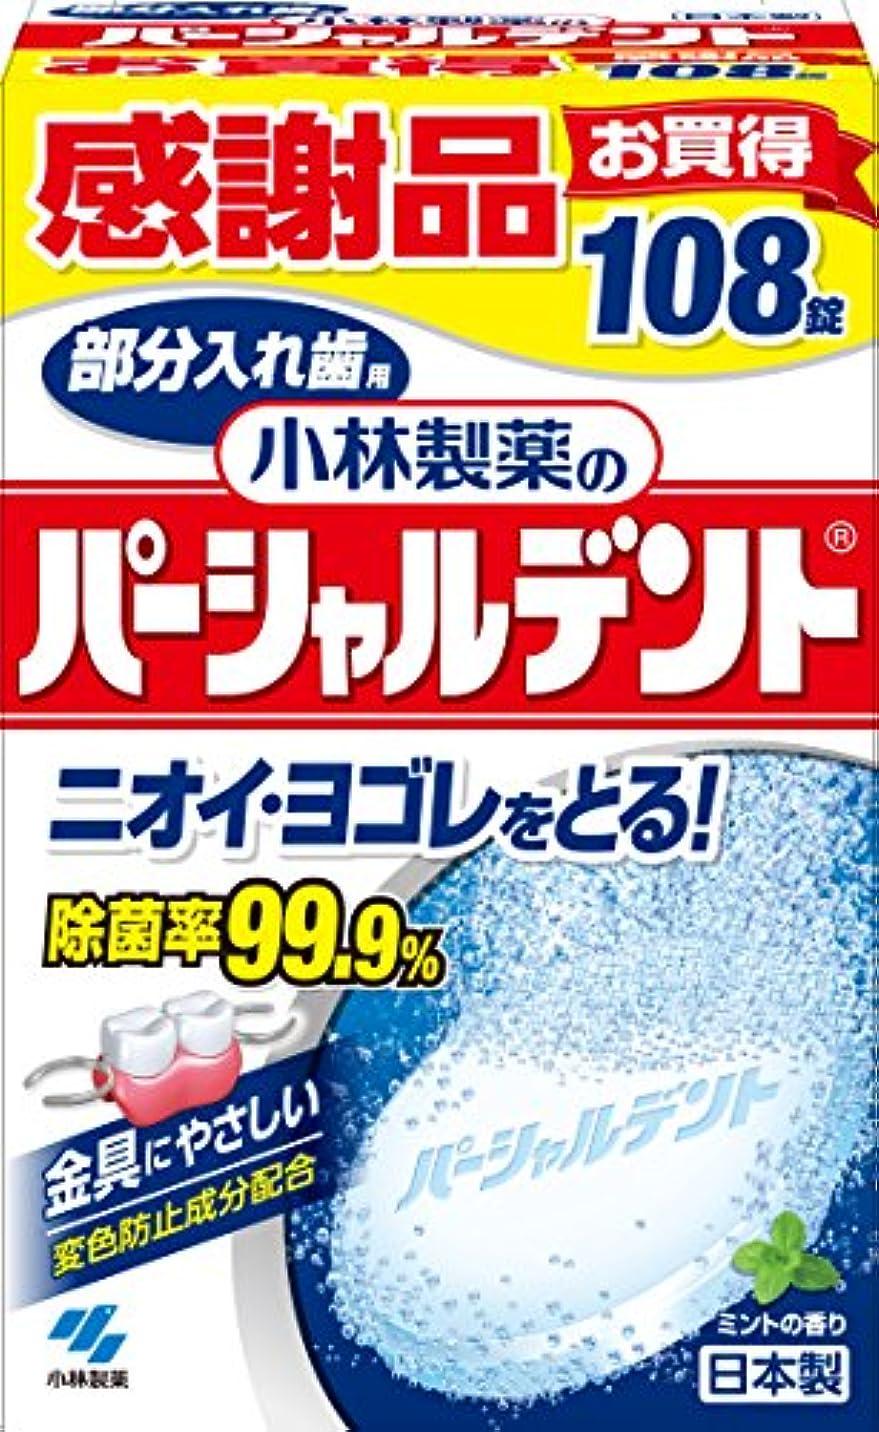 ペダルねじれ変化する小林製薬 パーシャルデント108錠感謝価格品